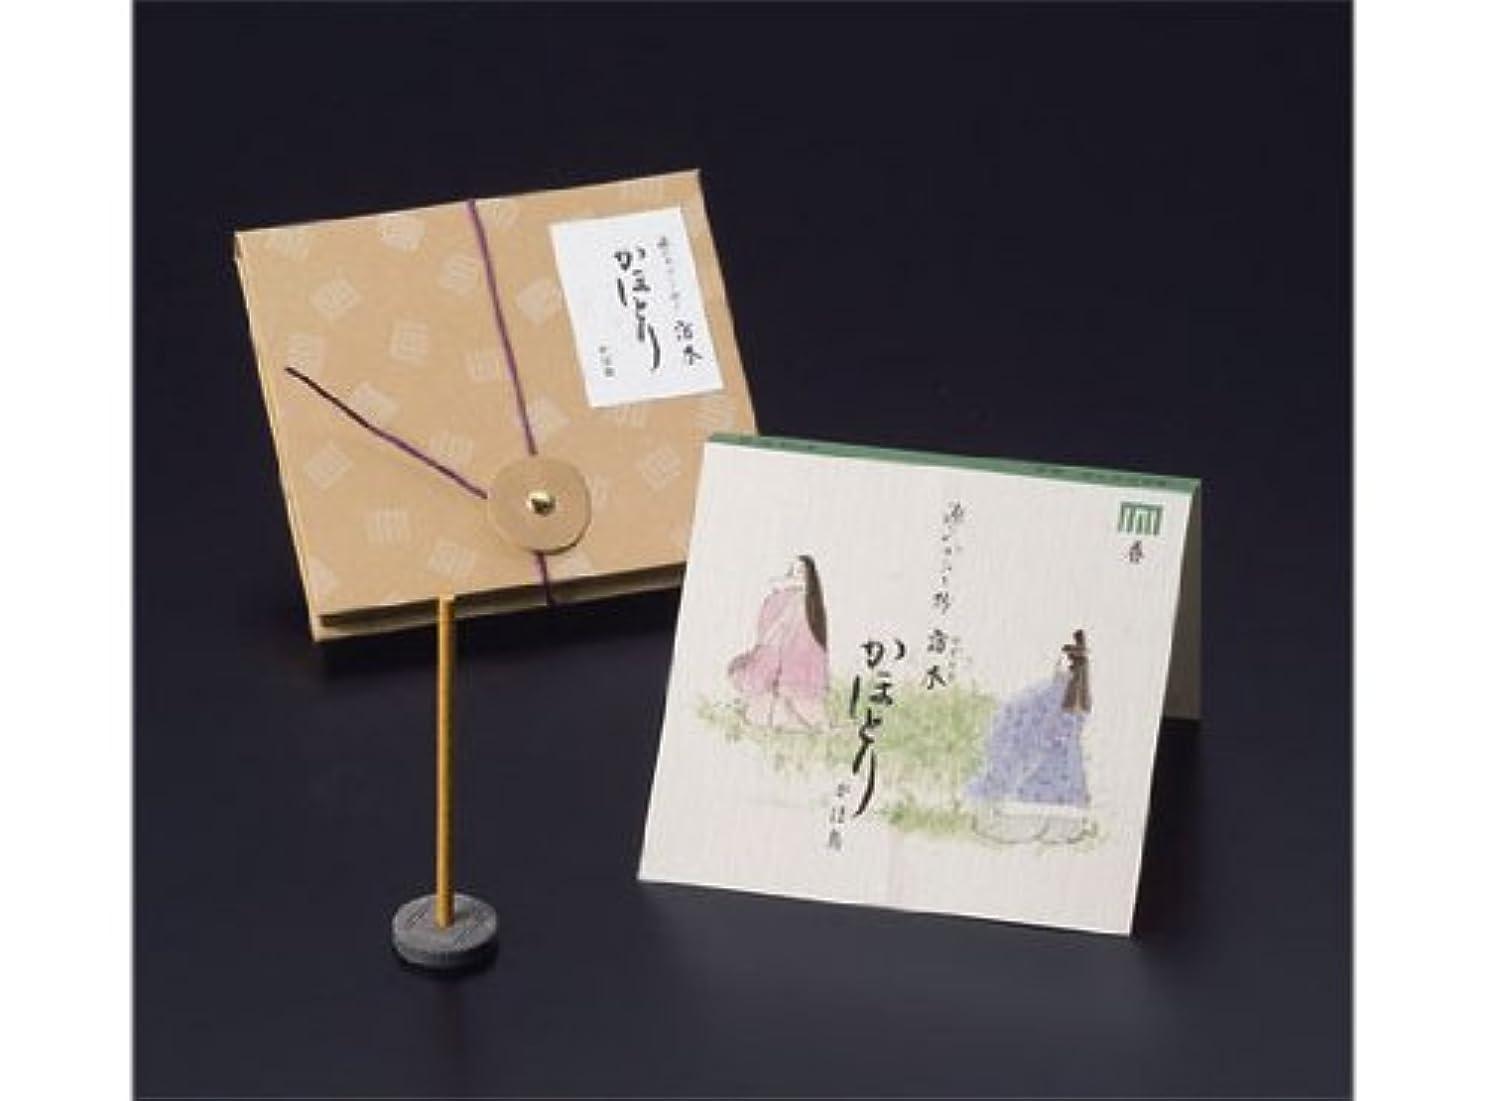 有効惨めな警告Shoyeido GenjiシリーズIncense – Mistletoe (Yadorigi)